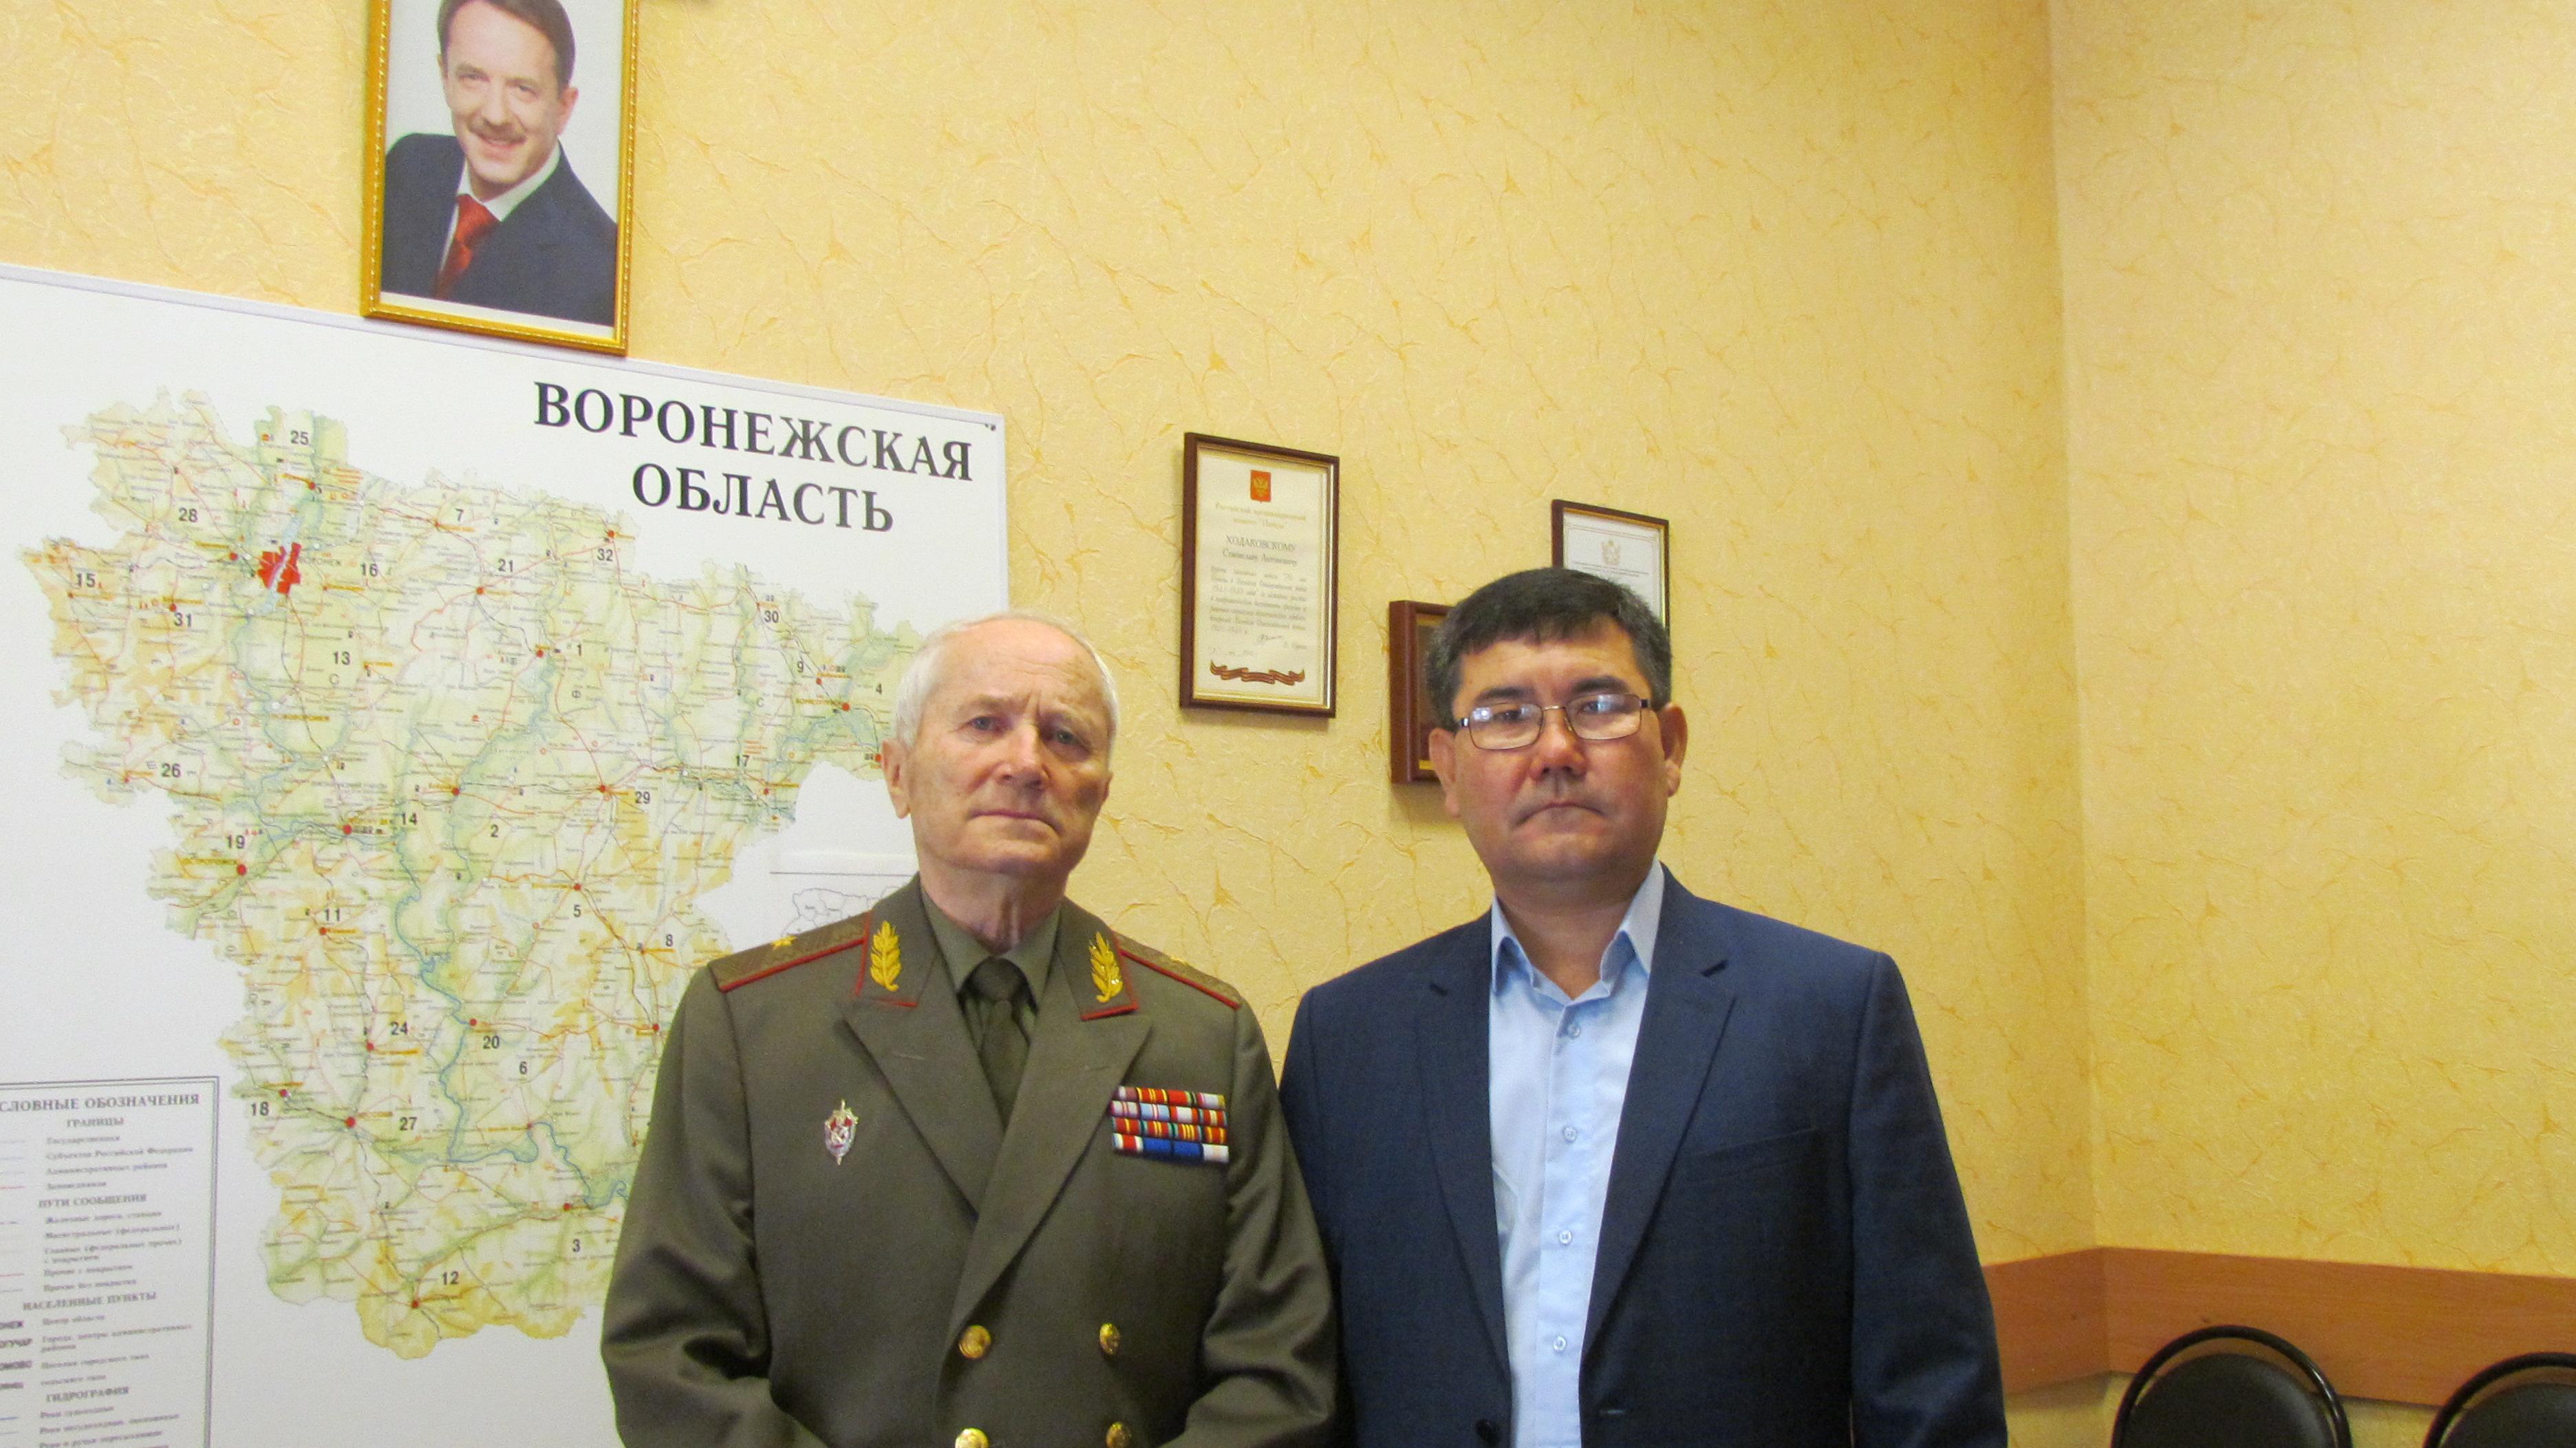 Почетный консул с Ходоковским С.А.